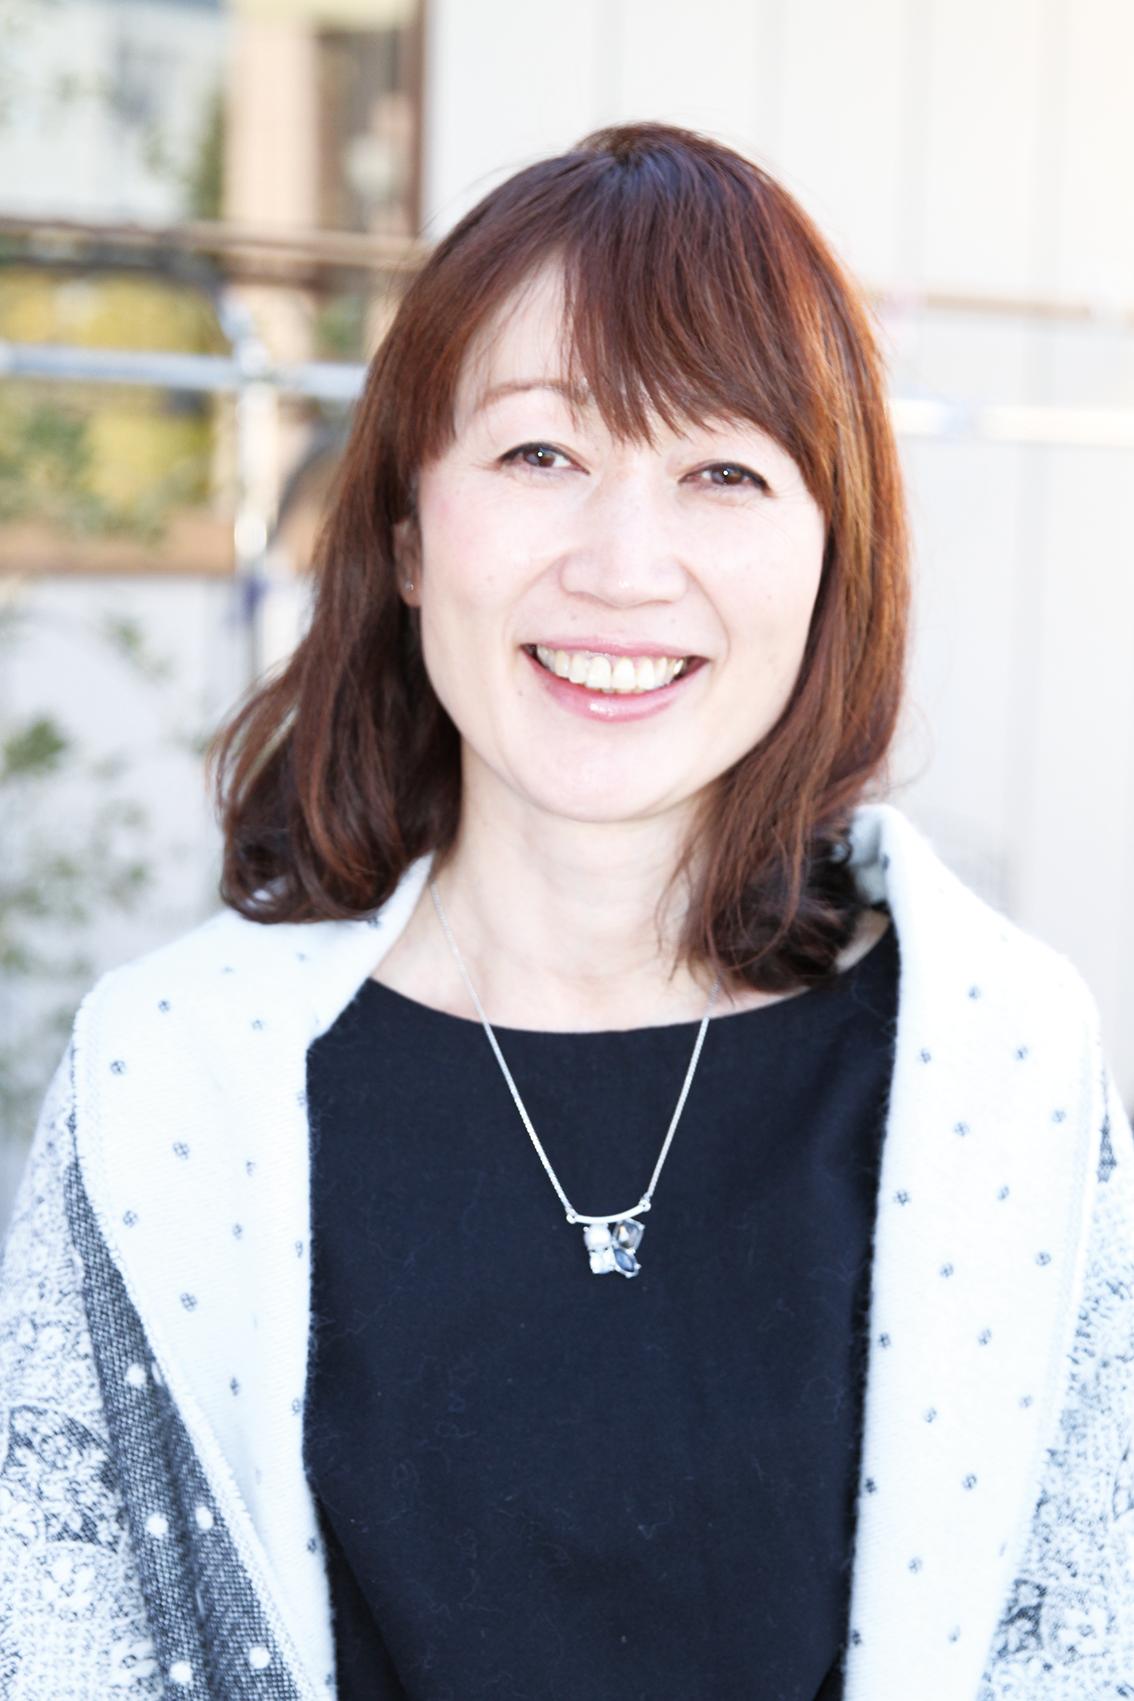 美しくなるにつれて充実された幸せな毎日を過ごされている美奈子さんです。